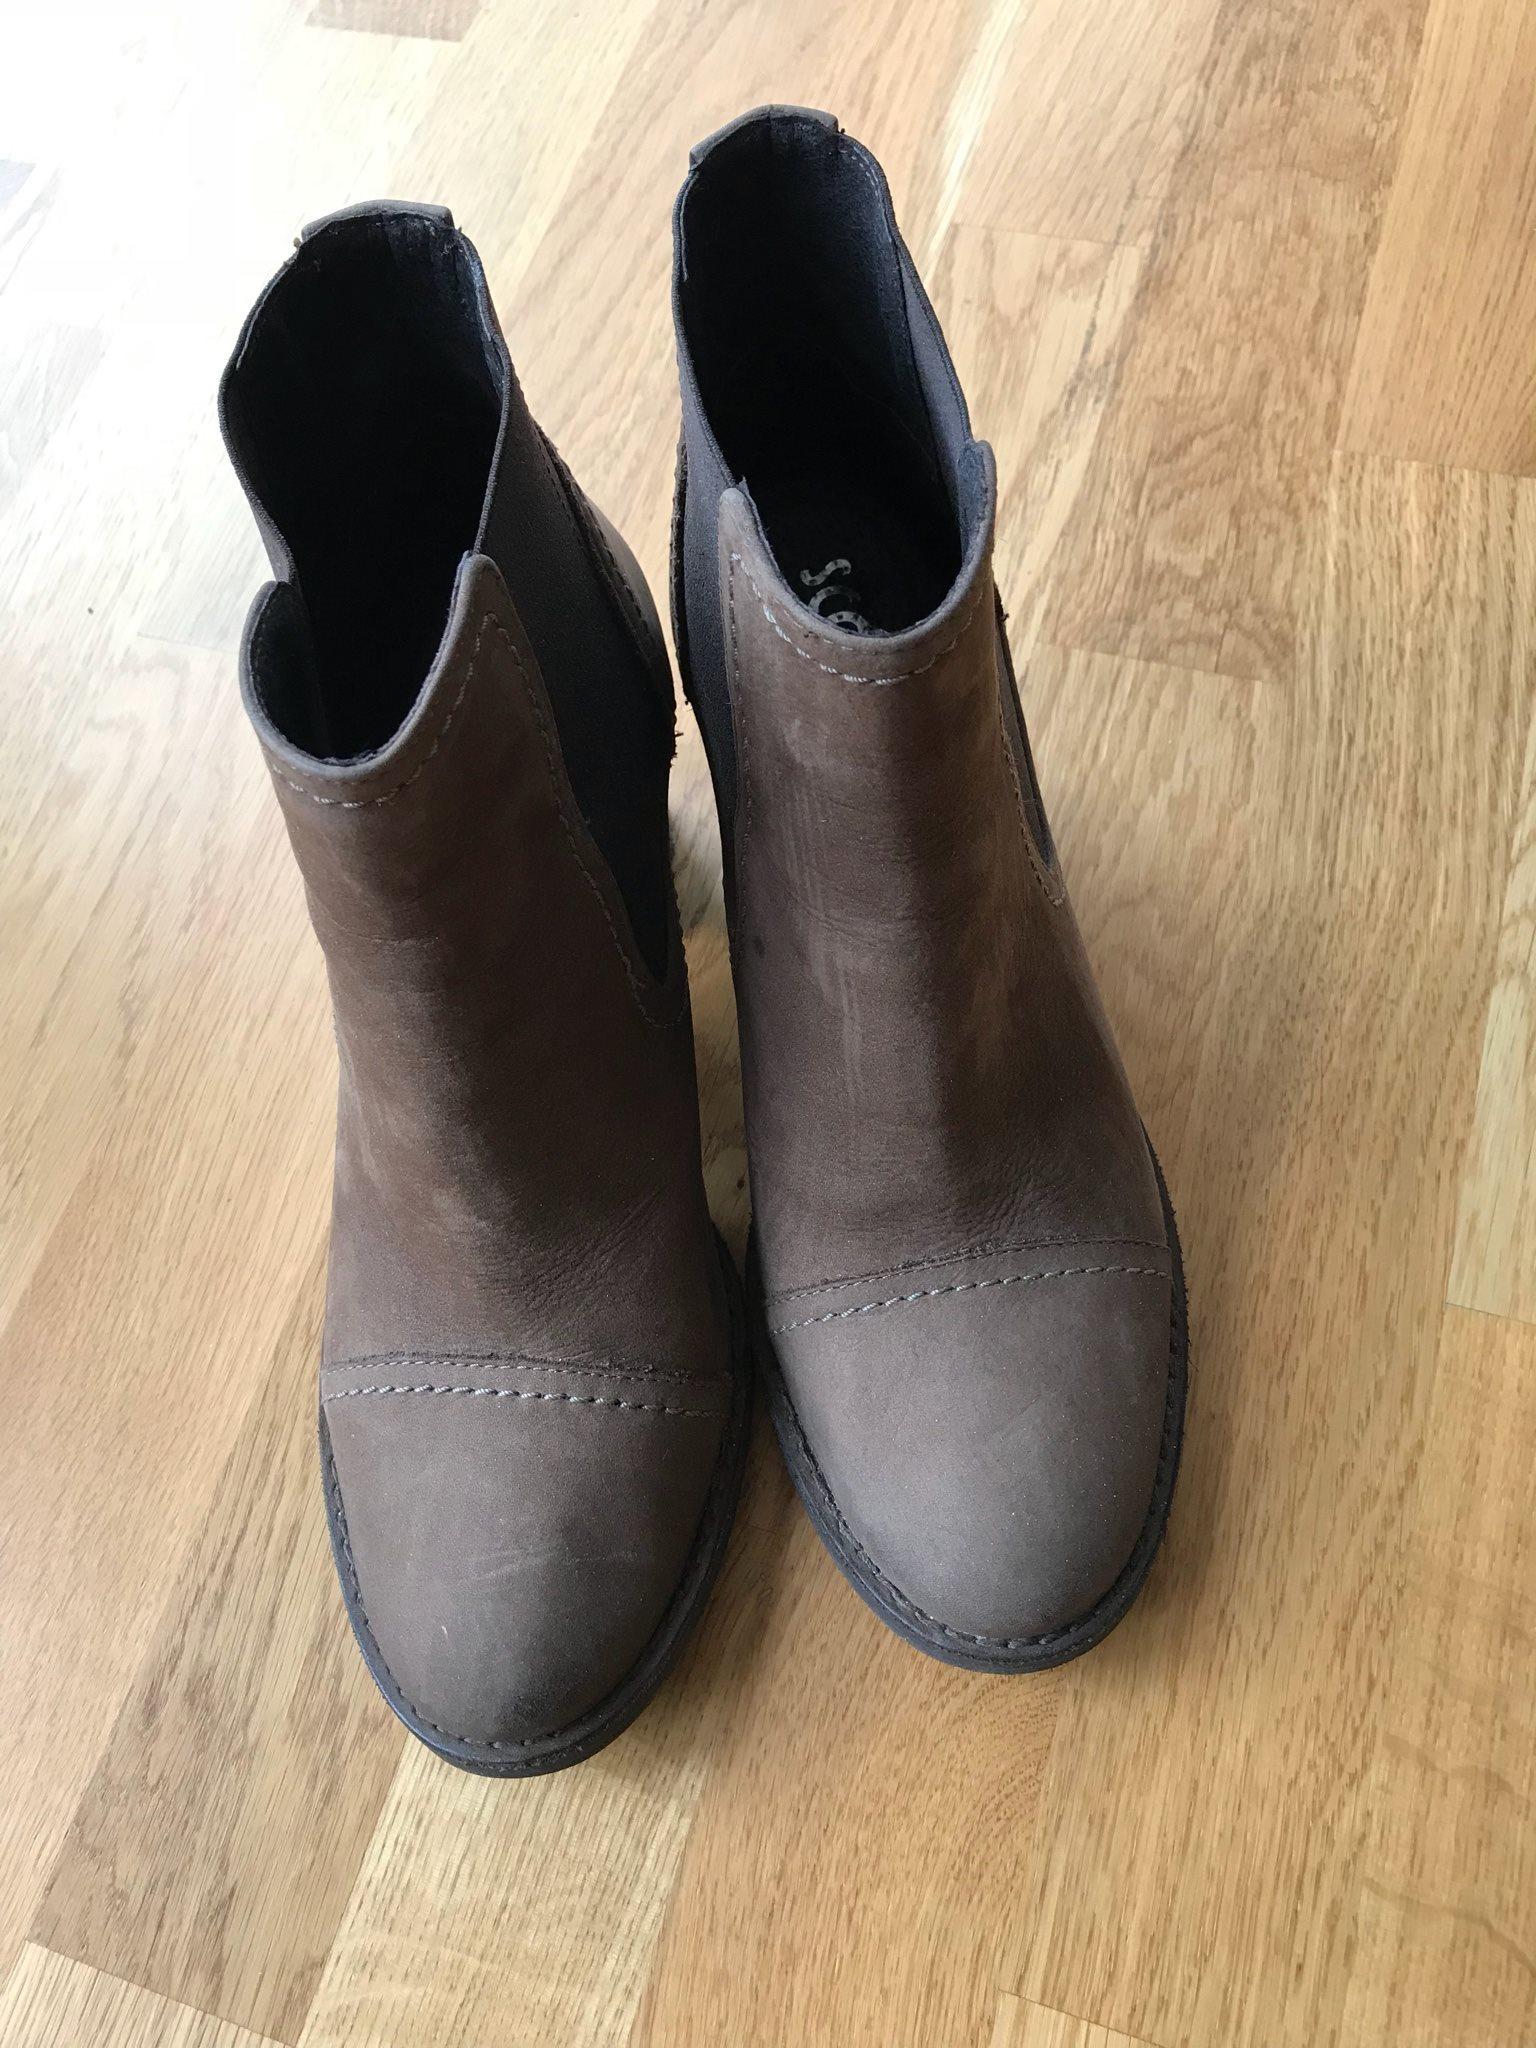 cdf04899458 SCORETT Skinn boots ankel kängor Bruna Stl 39 (331895628) ᐈ Köp på ...